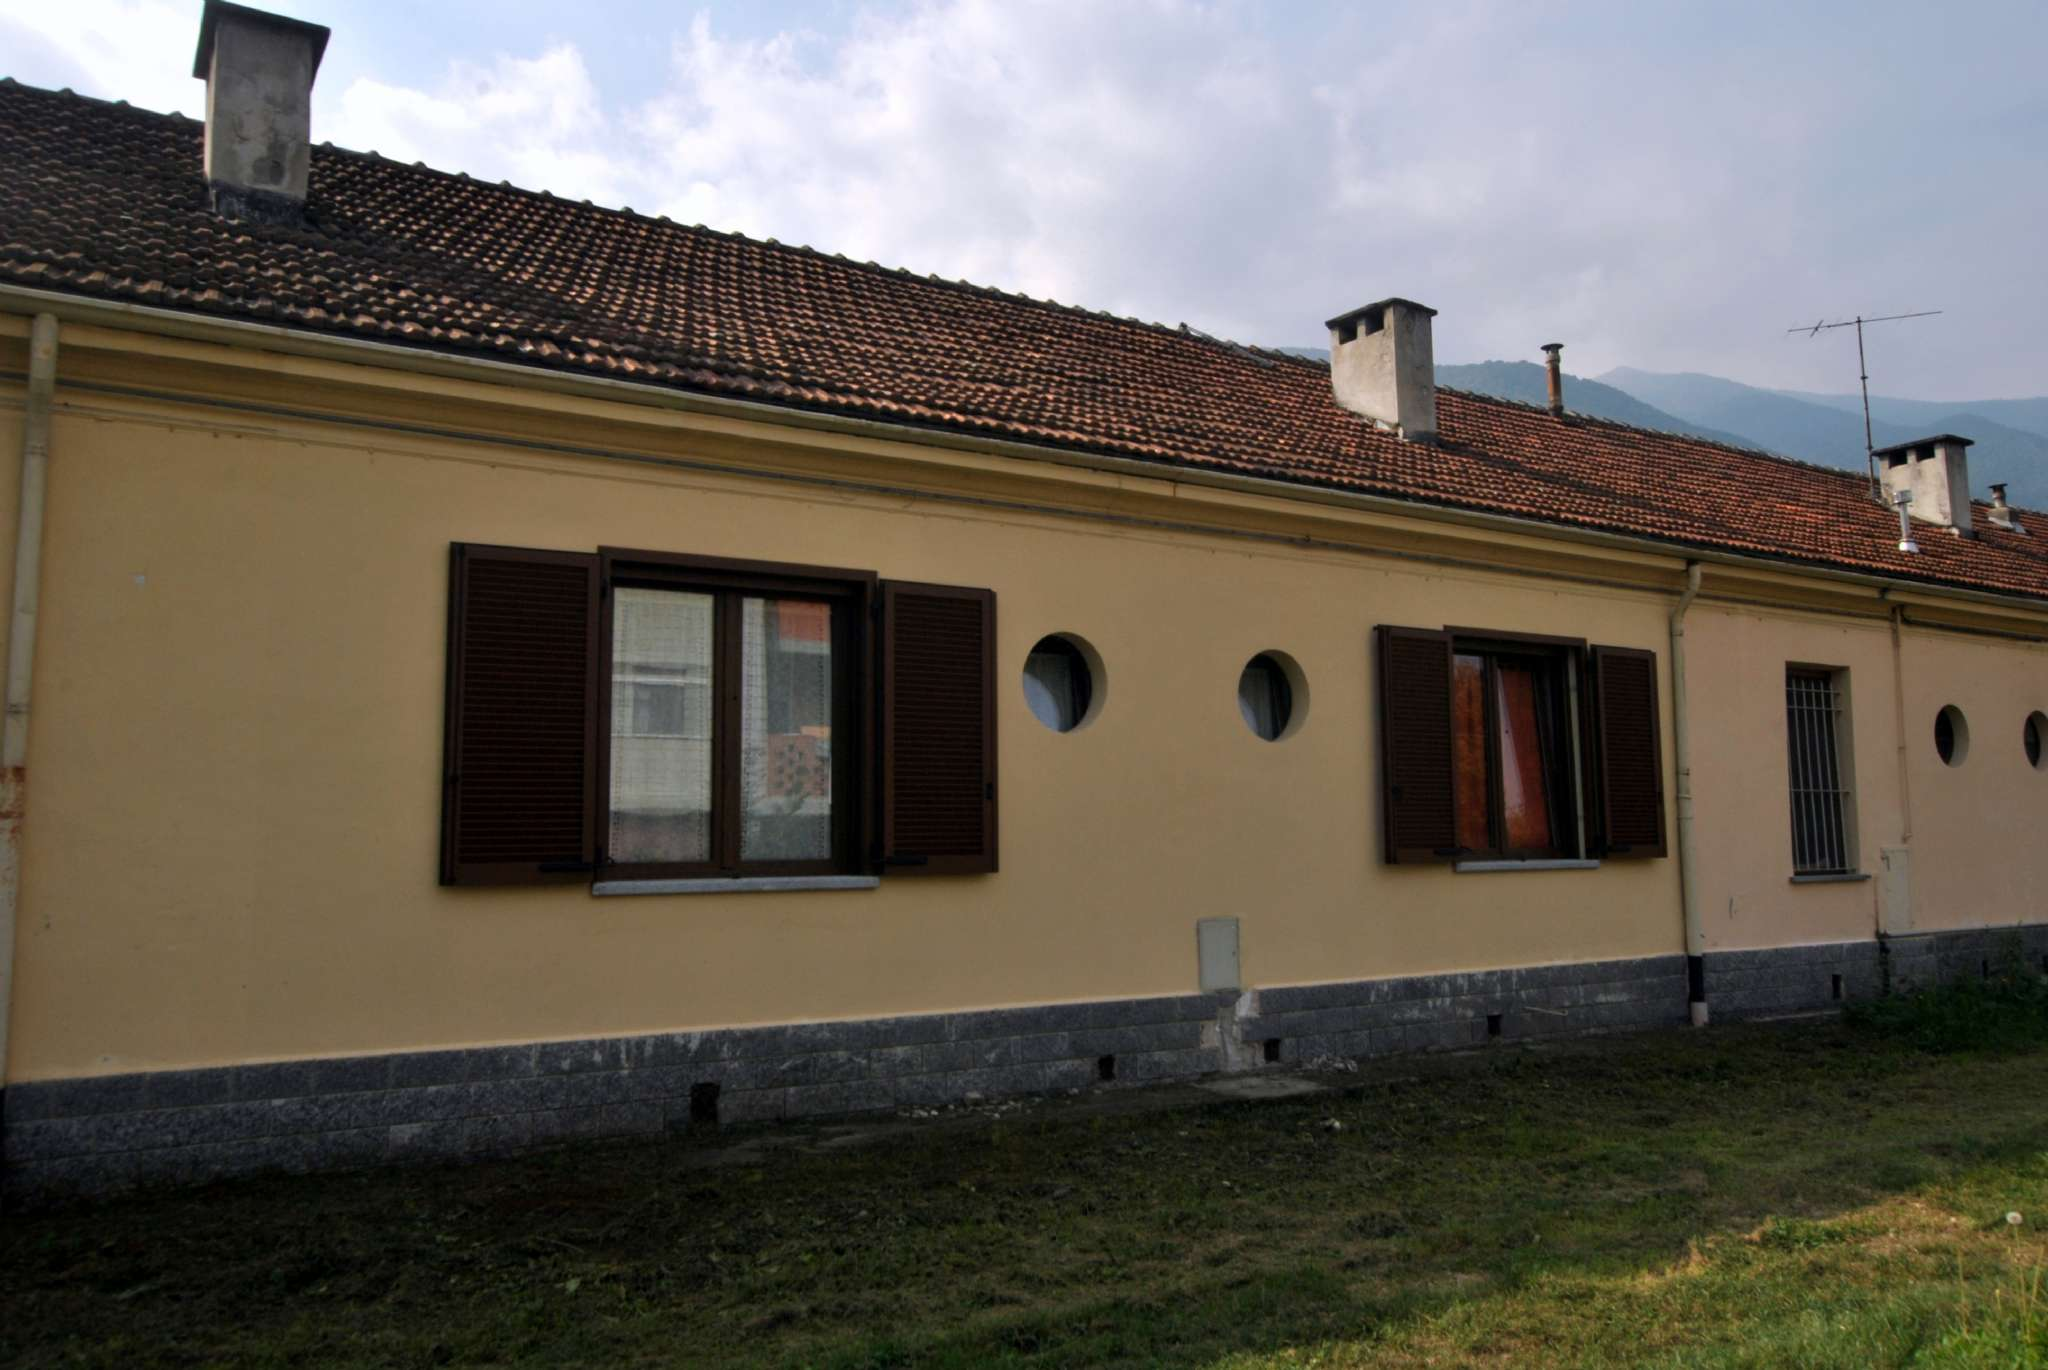 Soluzione Semindipendente in vendita a Sant'Antonino di Susa, 3 locali, prezzo € 80.000 | CambioCasa.it